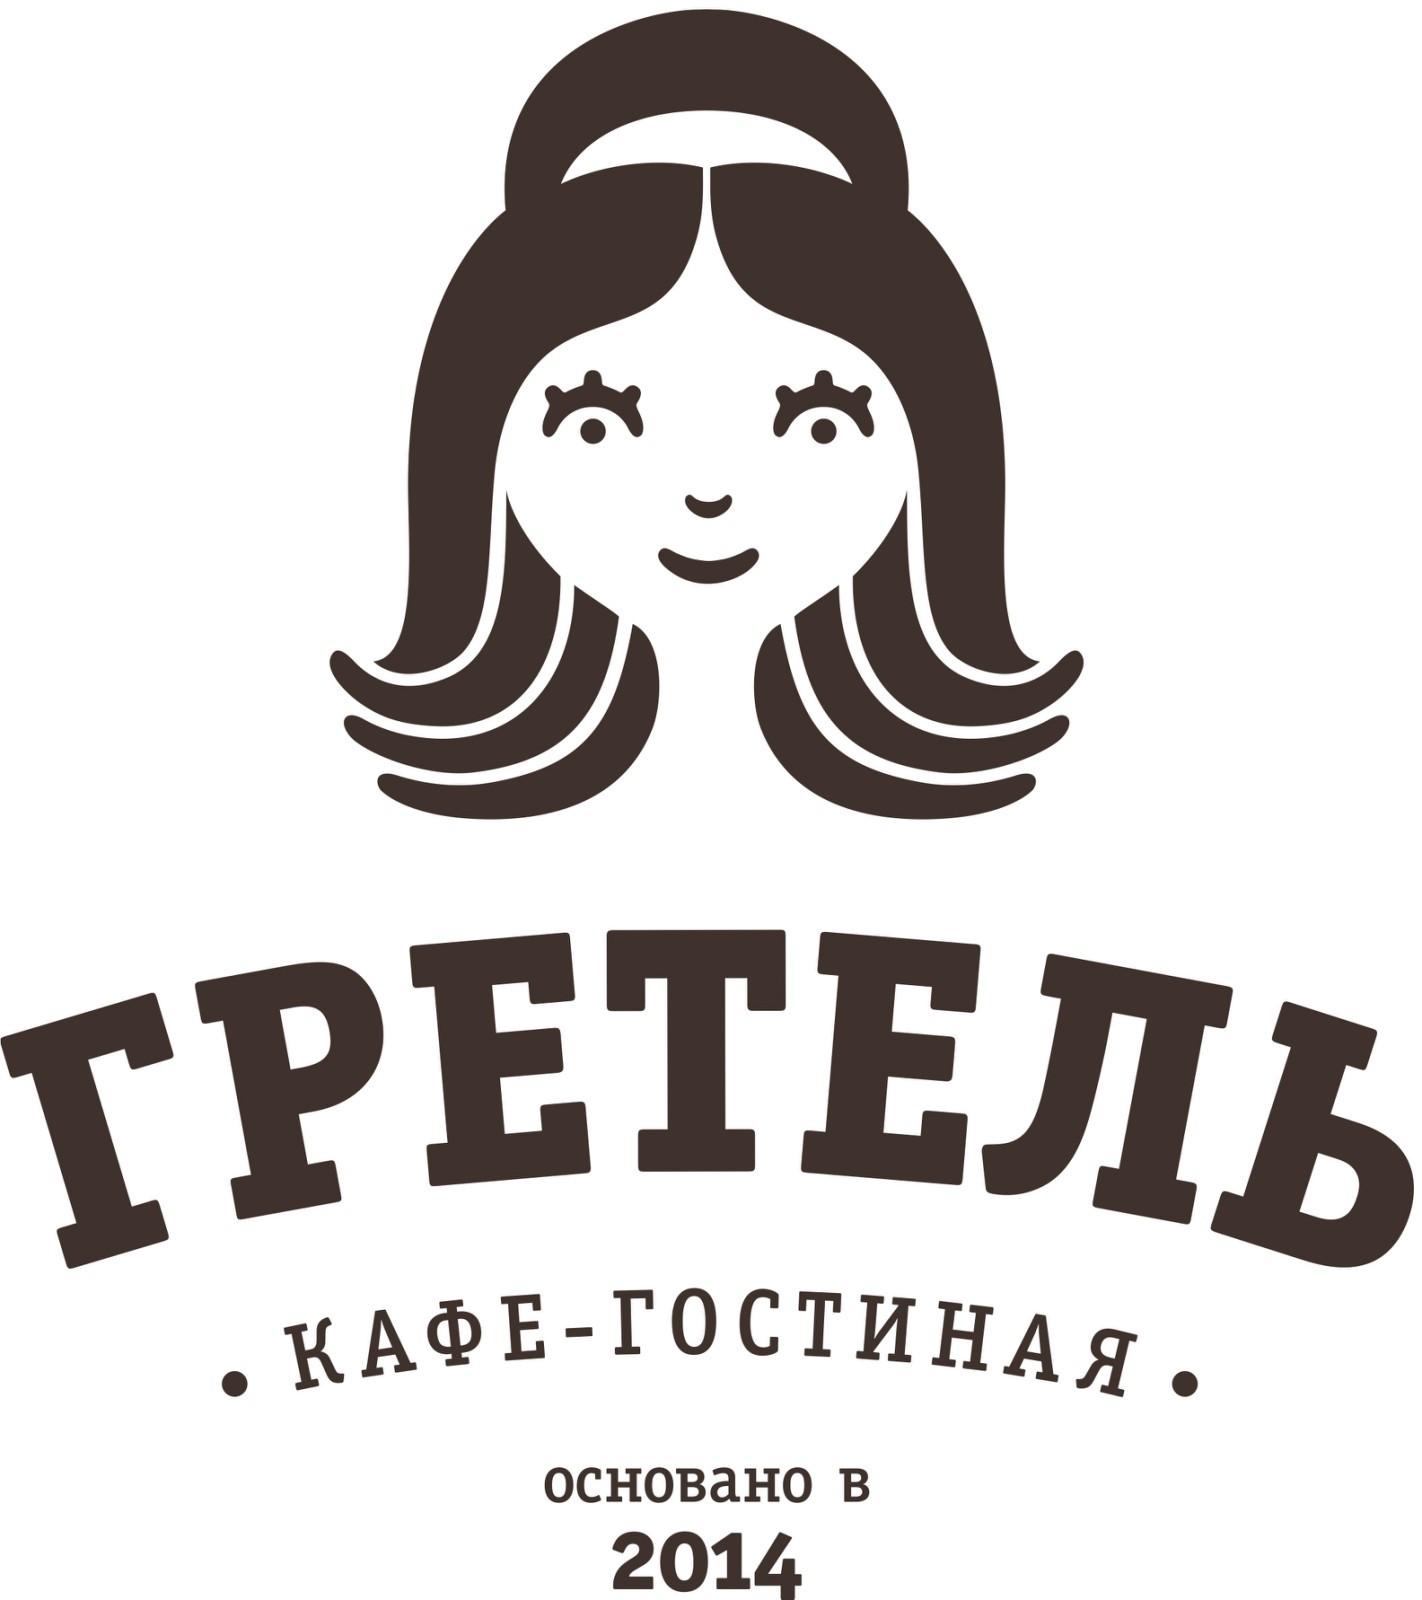 """Магазин вкусных тортов из кафе-гостиной """"Гретель"""""""